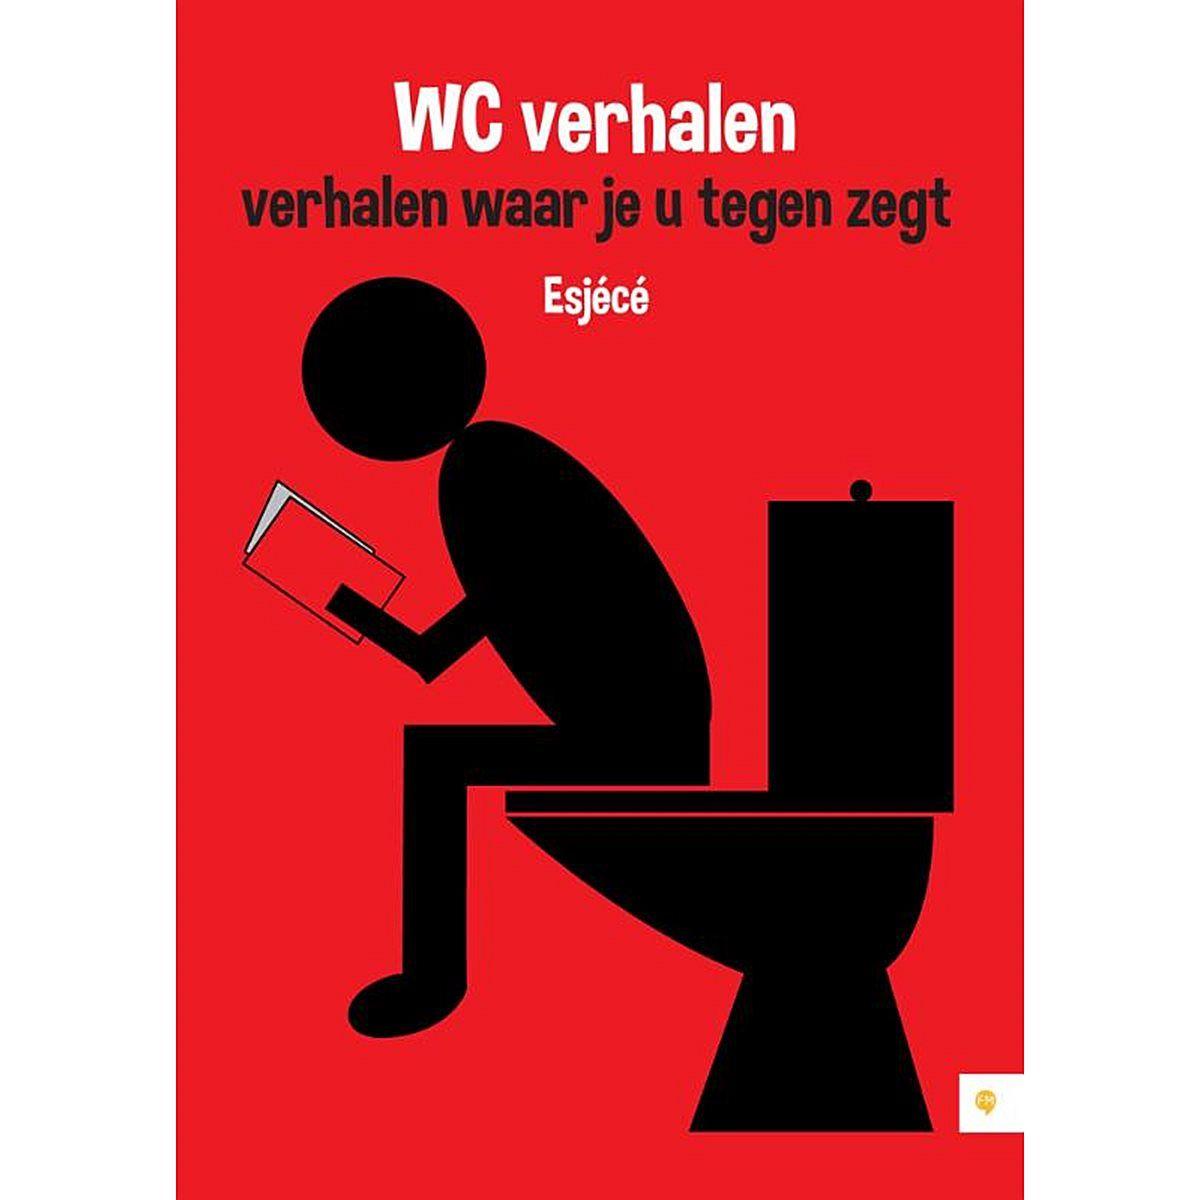 WC verhalen - verhalen waar je u tegen zegt' zijn korte, geestige verhaaltjes voor op, tja…  de WC.